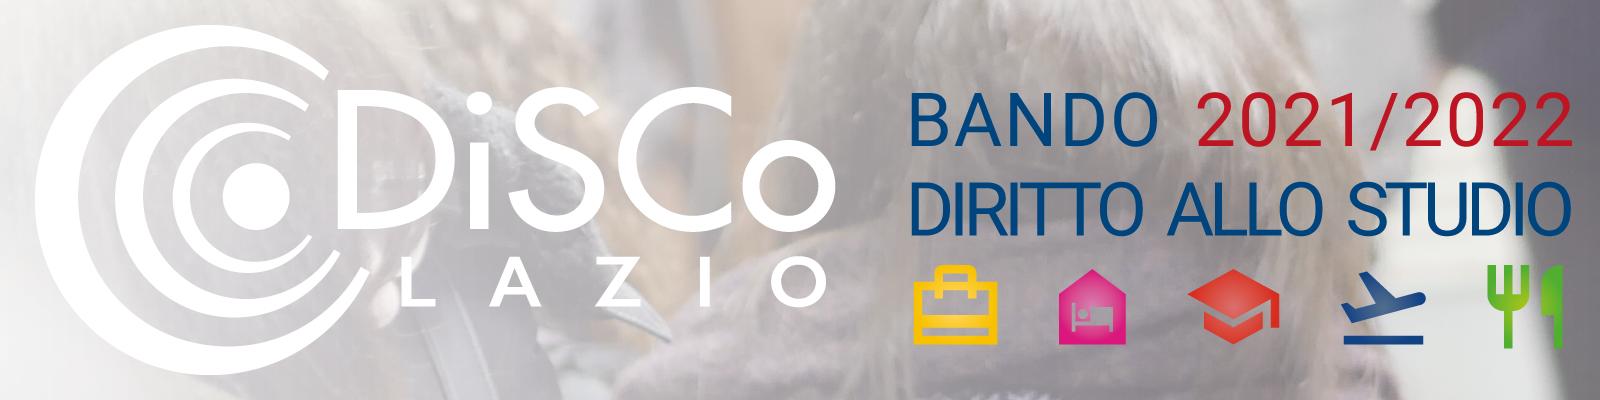 Bando Diritto allo Studio 2021/2022